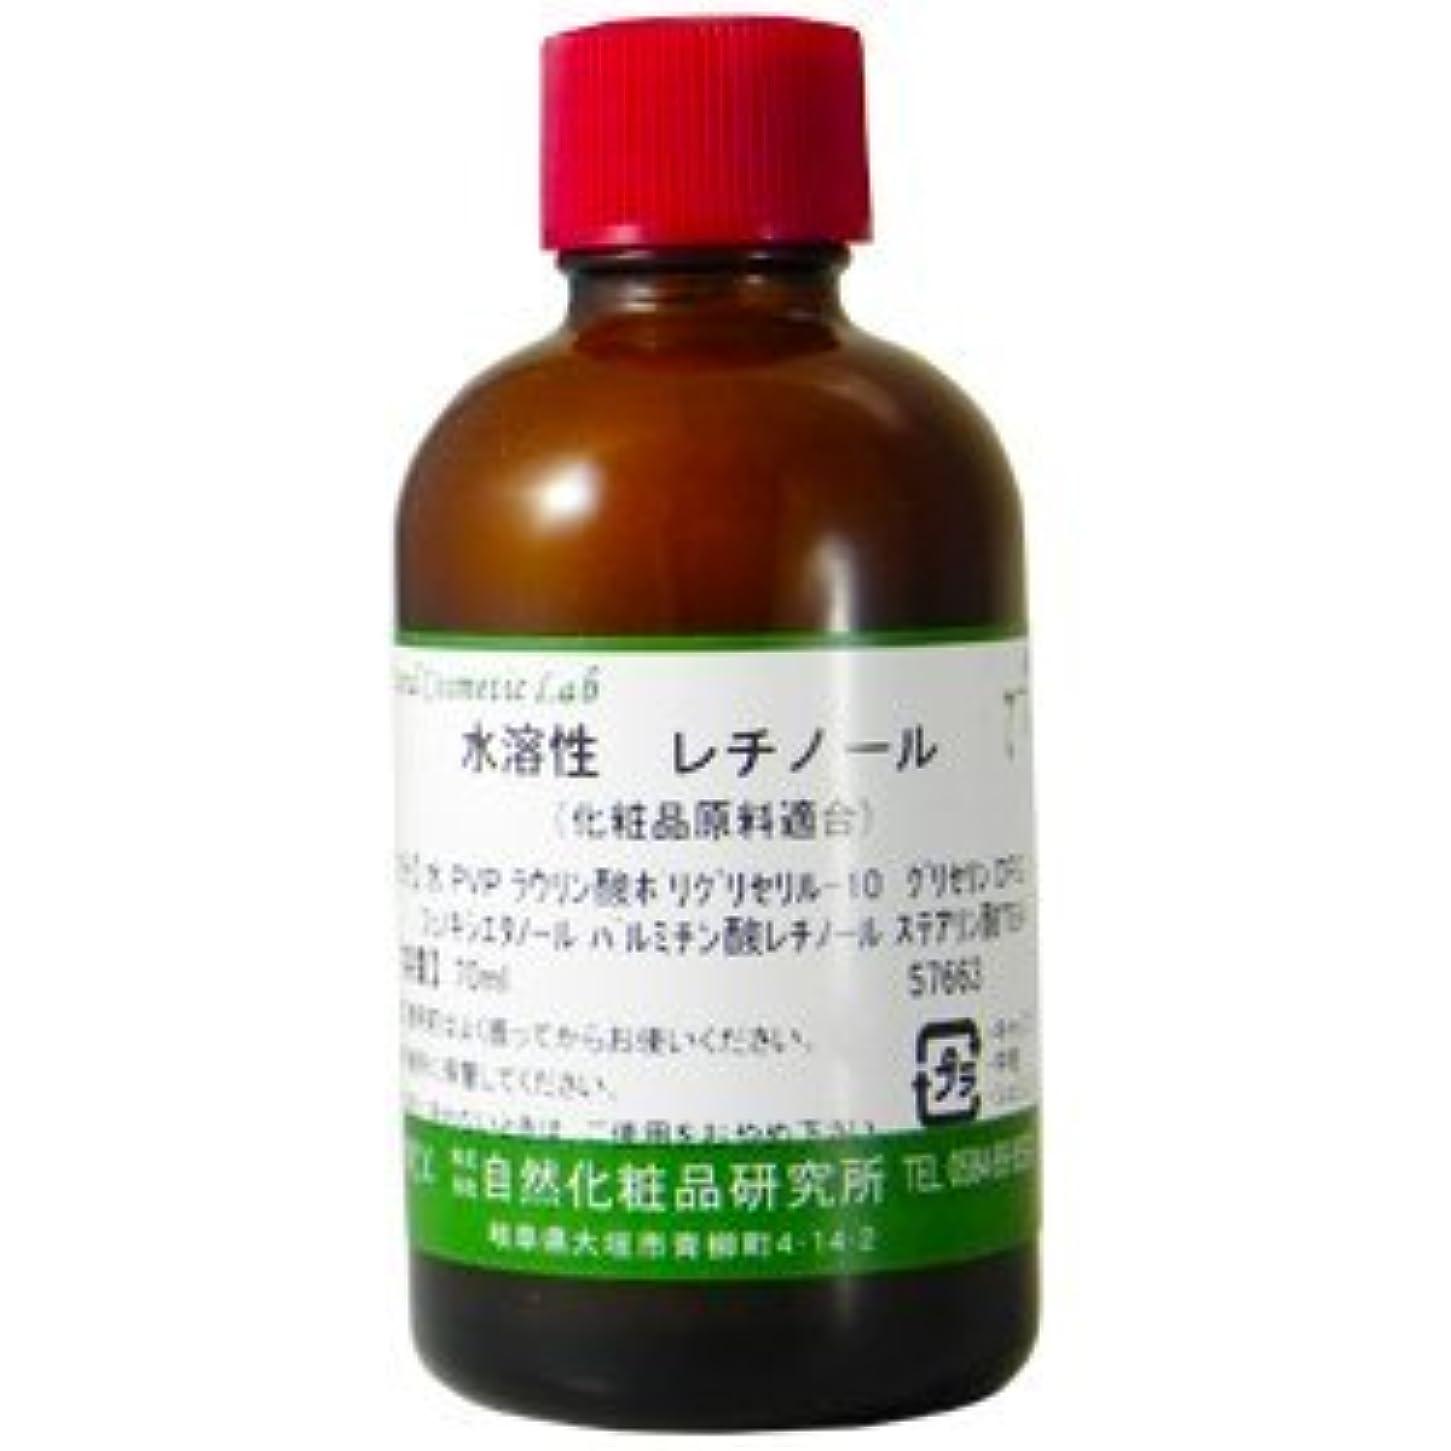 体系的に歌手聖職者水溶性レチノール 70ml 【手作り化粧品原料】